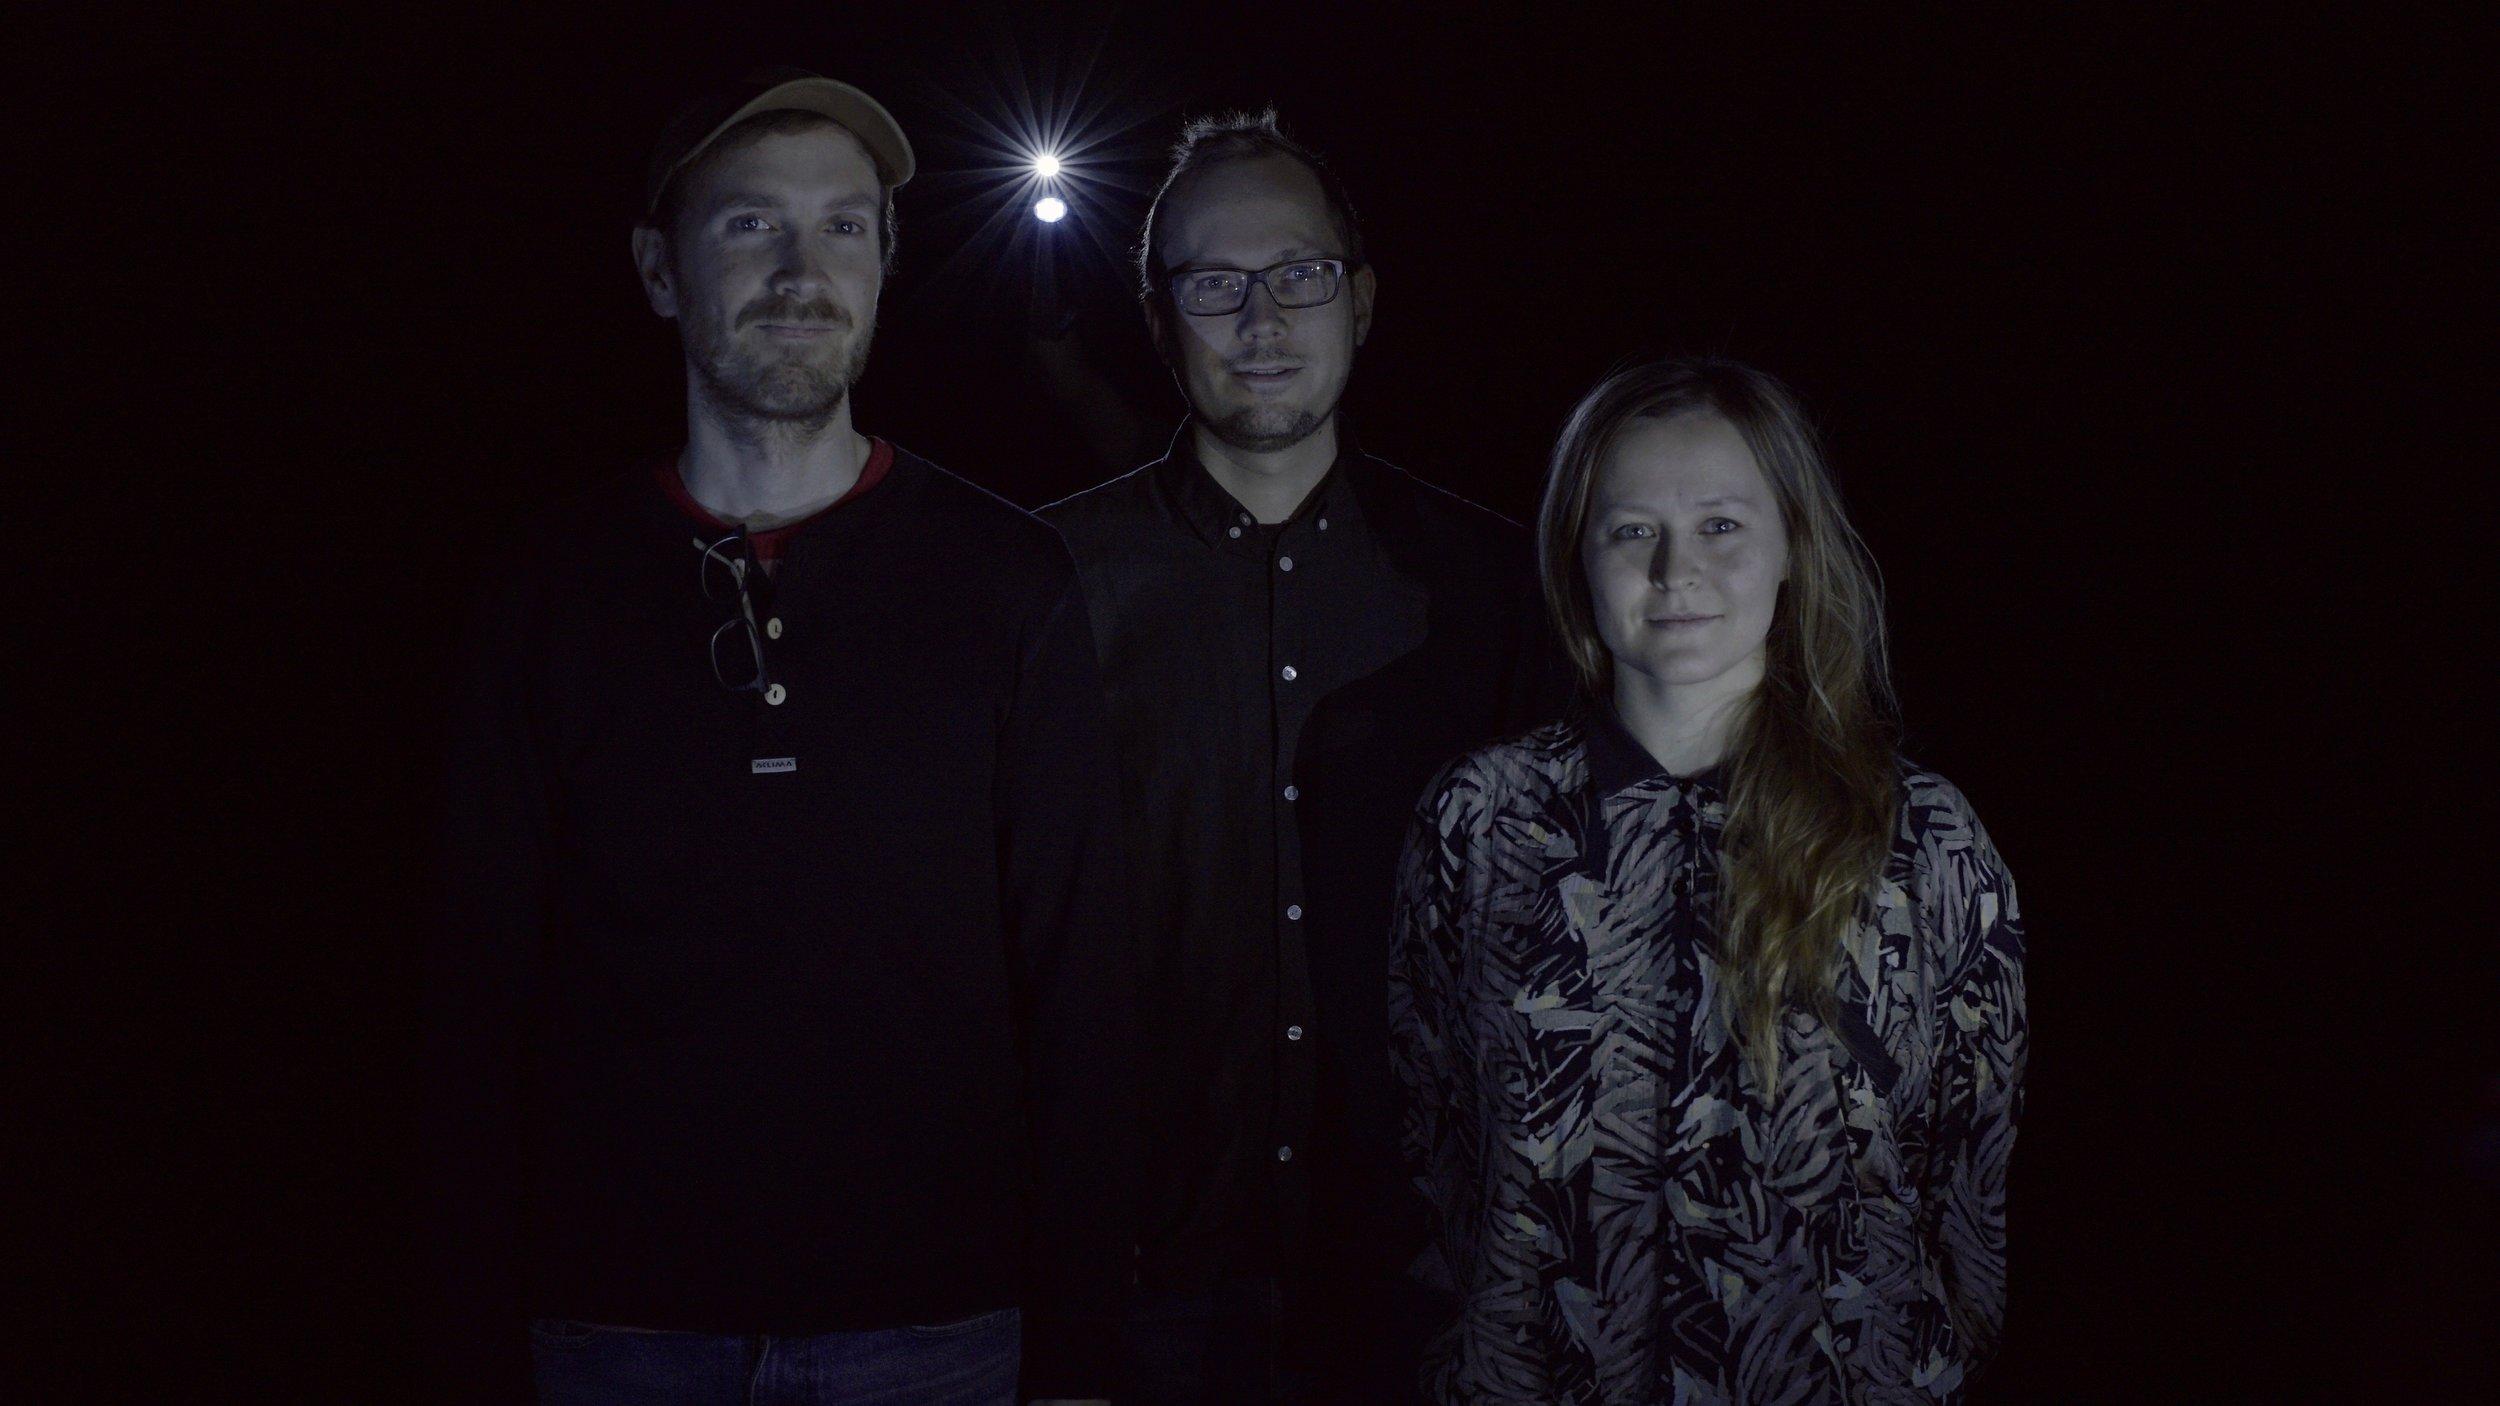 Erlen Viken, Olav Christer Rossebø og Ingeleiv Berstad